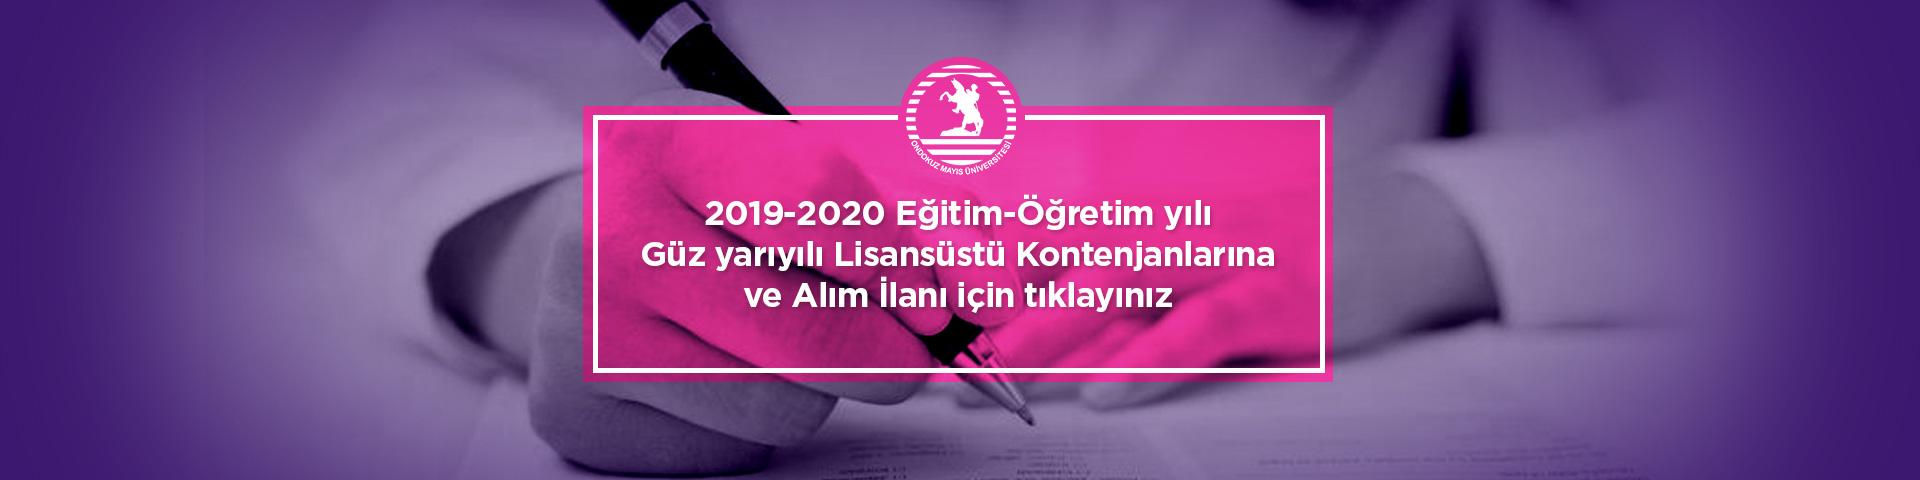 2019-2020 Eğitim-Öğretim yılı Güz yarıyılı Lisansüstü Kontenjanlarına ve Alım İlanına Buradan Ulaşabilirsiniz.